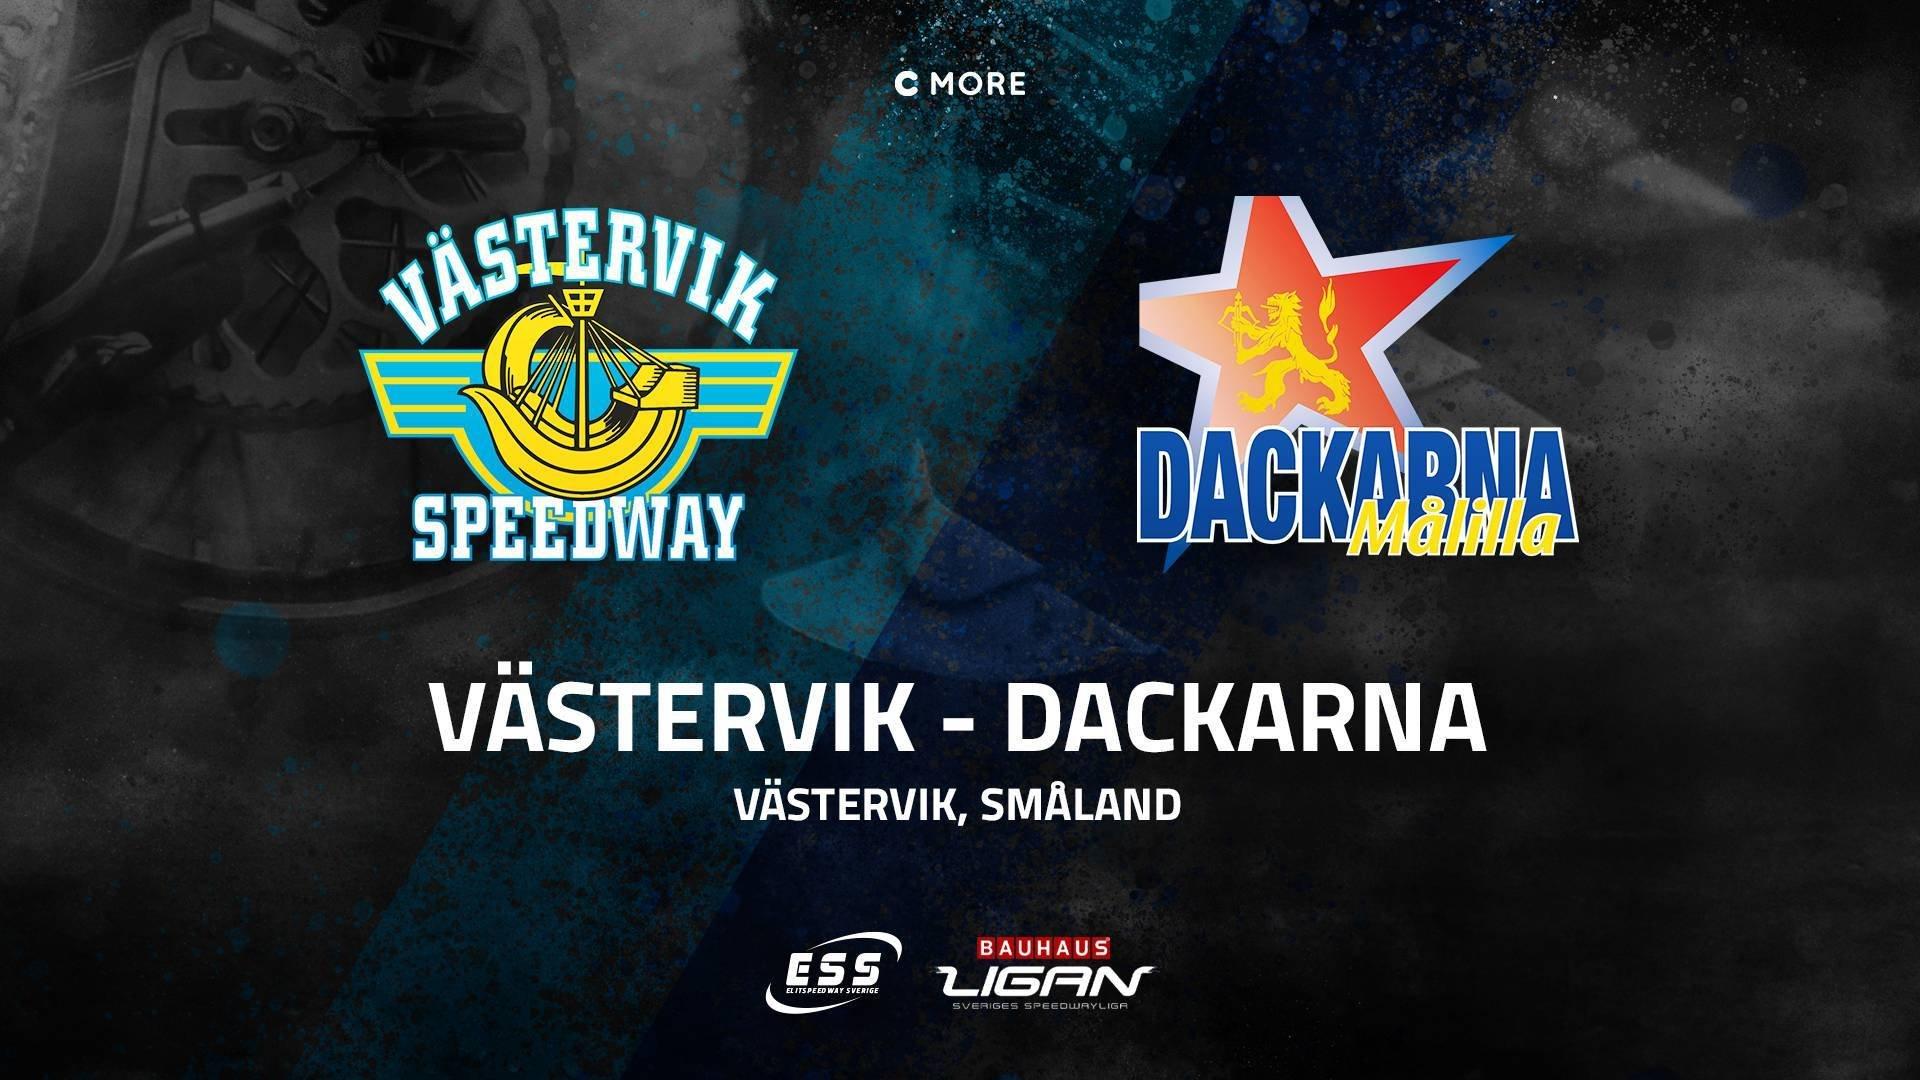 Västervik - Dackarna